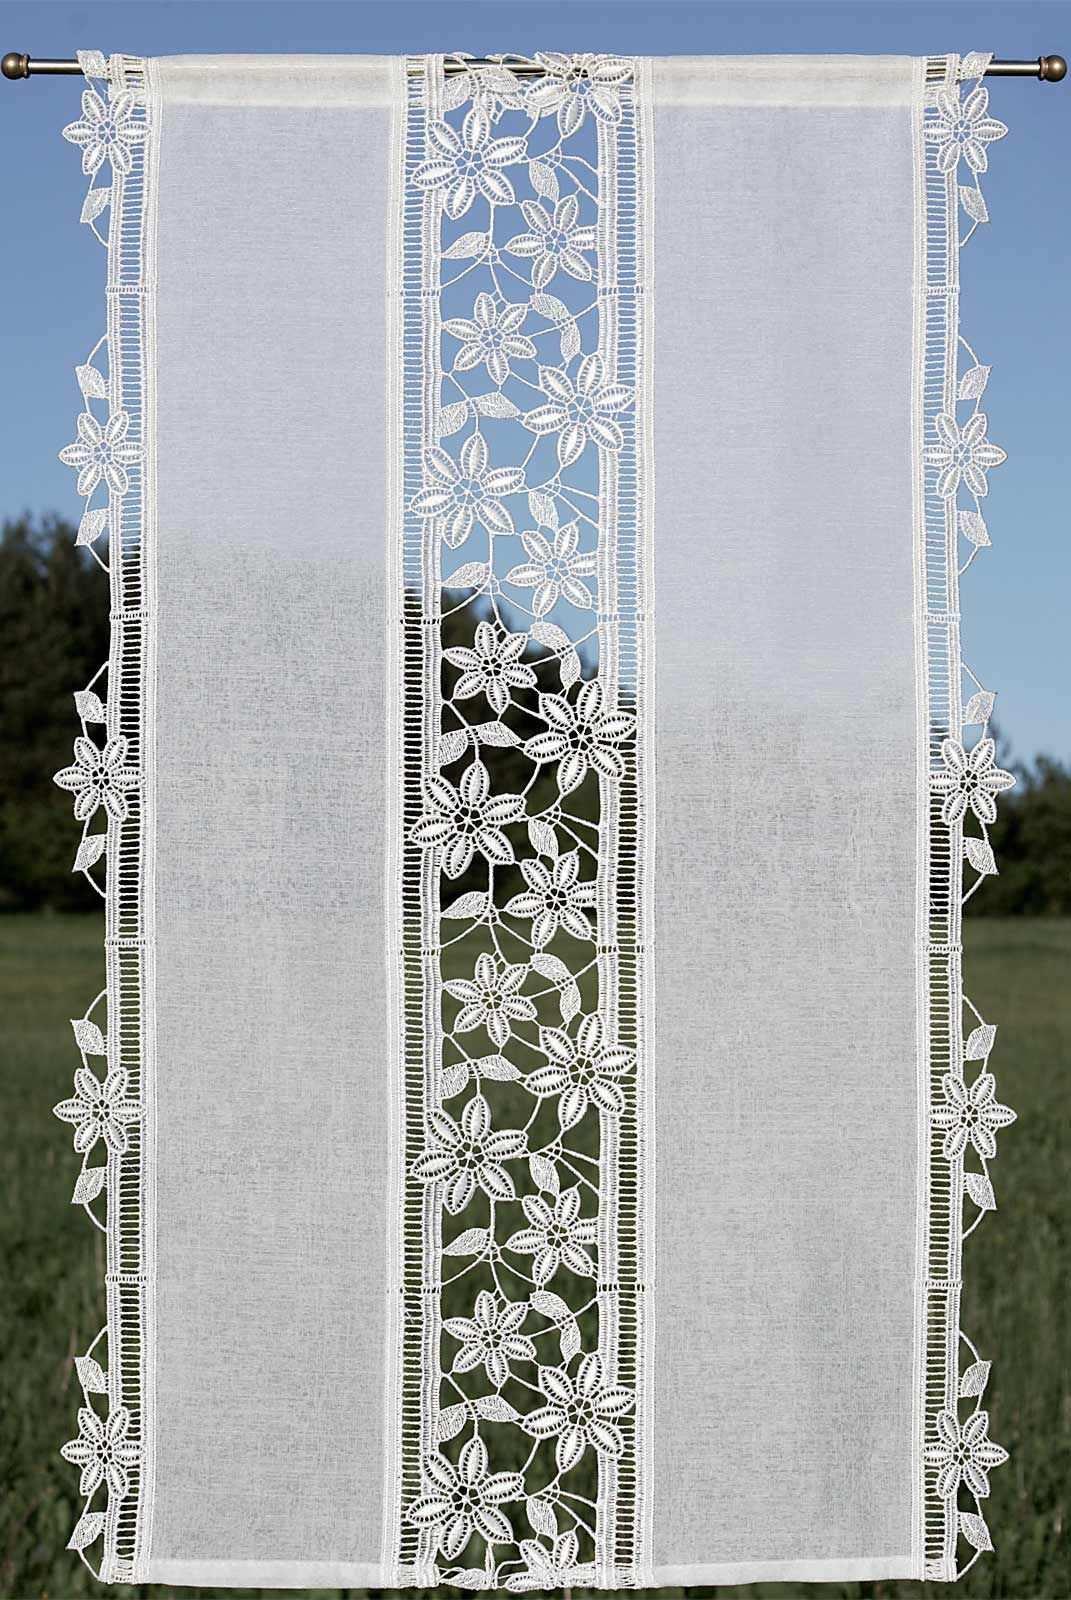 Flachenvorhange Modern Gunstige Schiebegardinen Plauener Spitze Preiswert Online Kaufen Vorhange Plauener Spitze Flachenvorhang